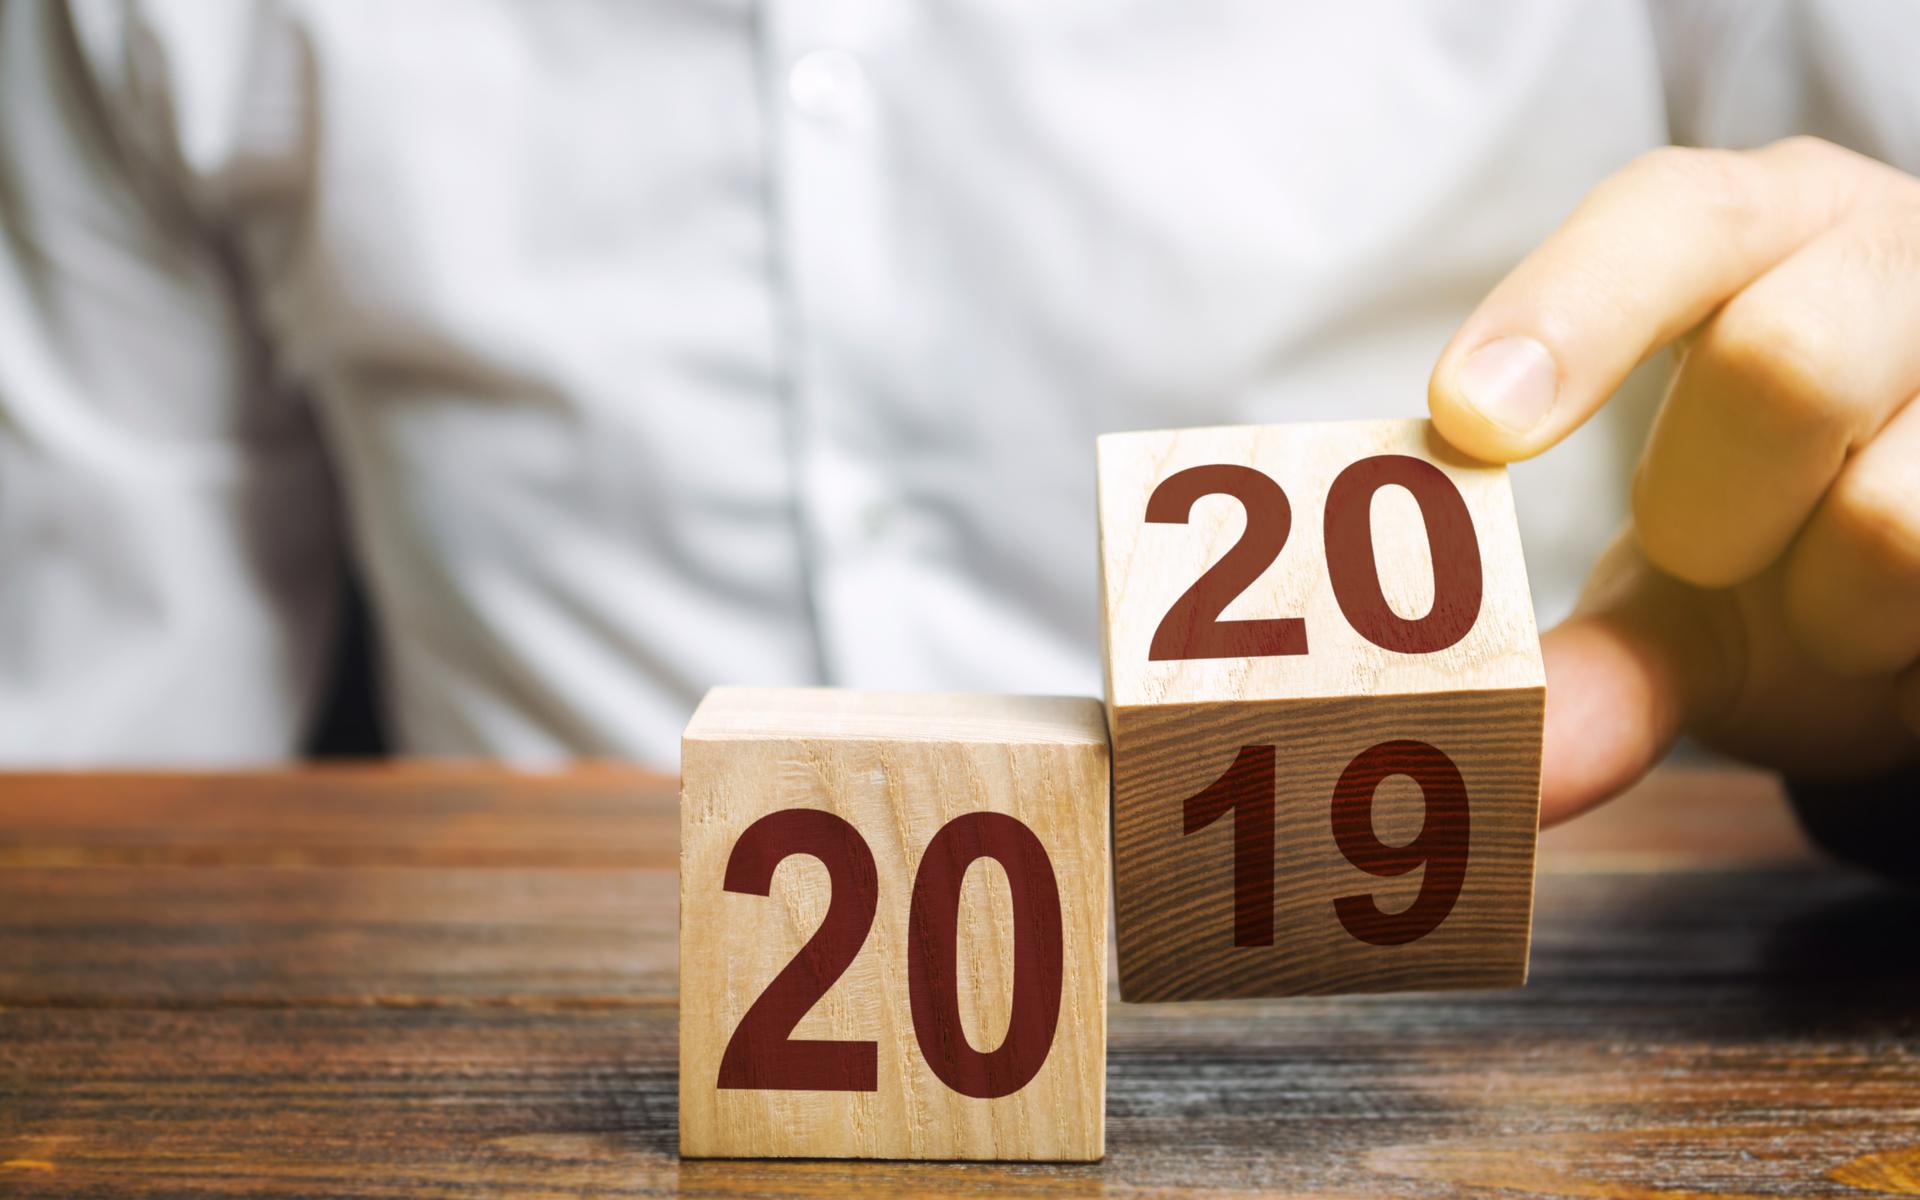 Bitcoin will be bullish in march 2020